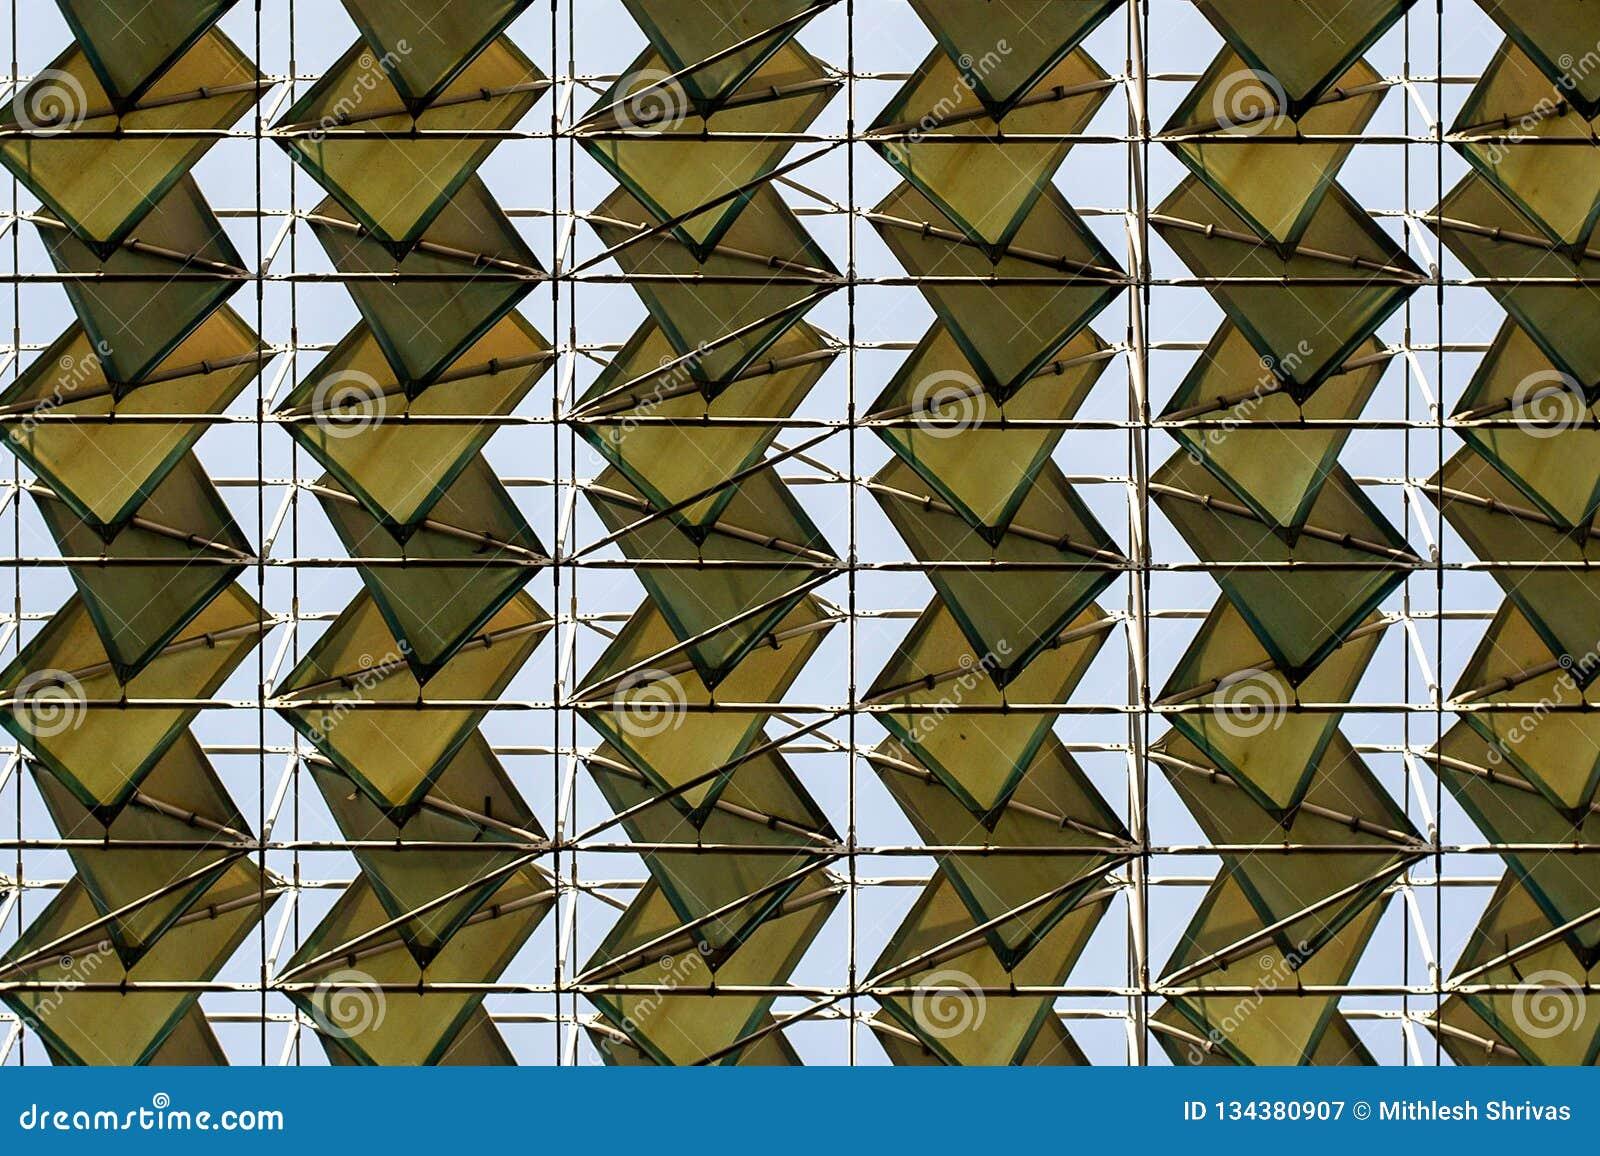 Cubiertas del tejado y líneas de rejilla simétricamente modeladas